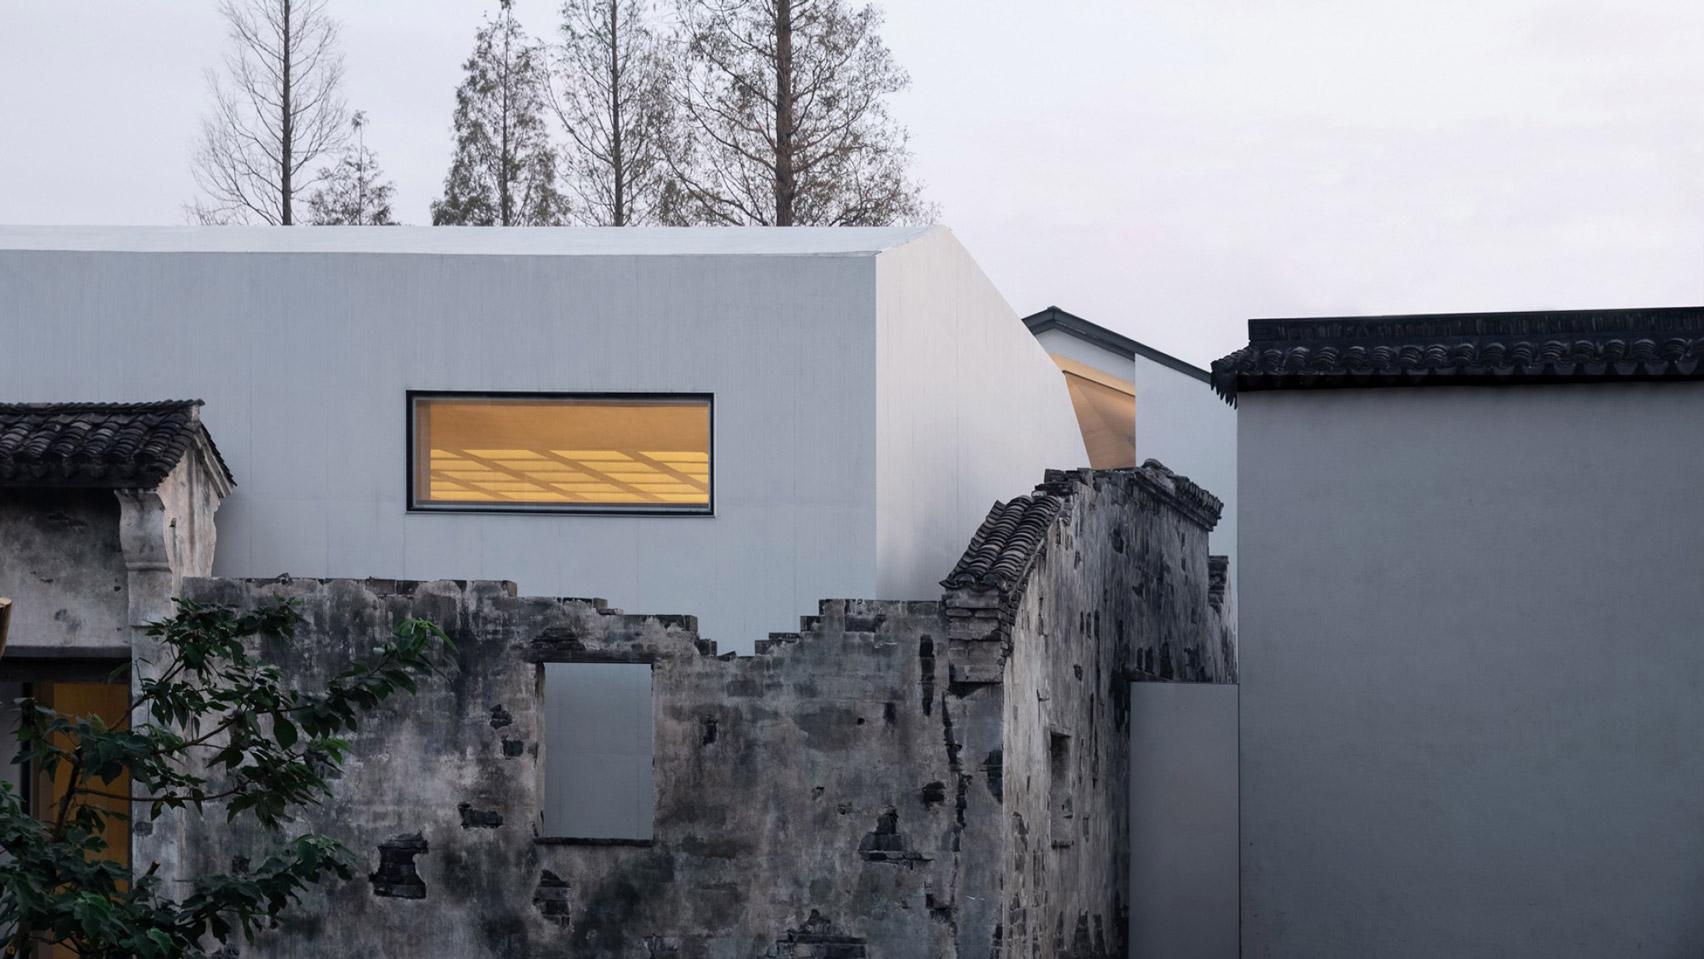 В Китае архитекторы вписали разрушенное здание в новый проект. Получился музей из руин